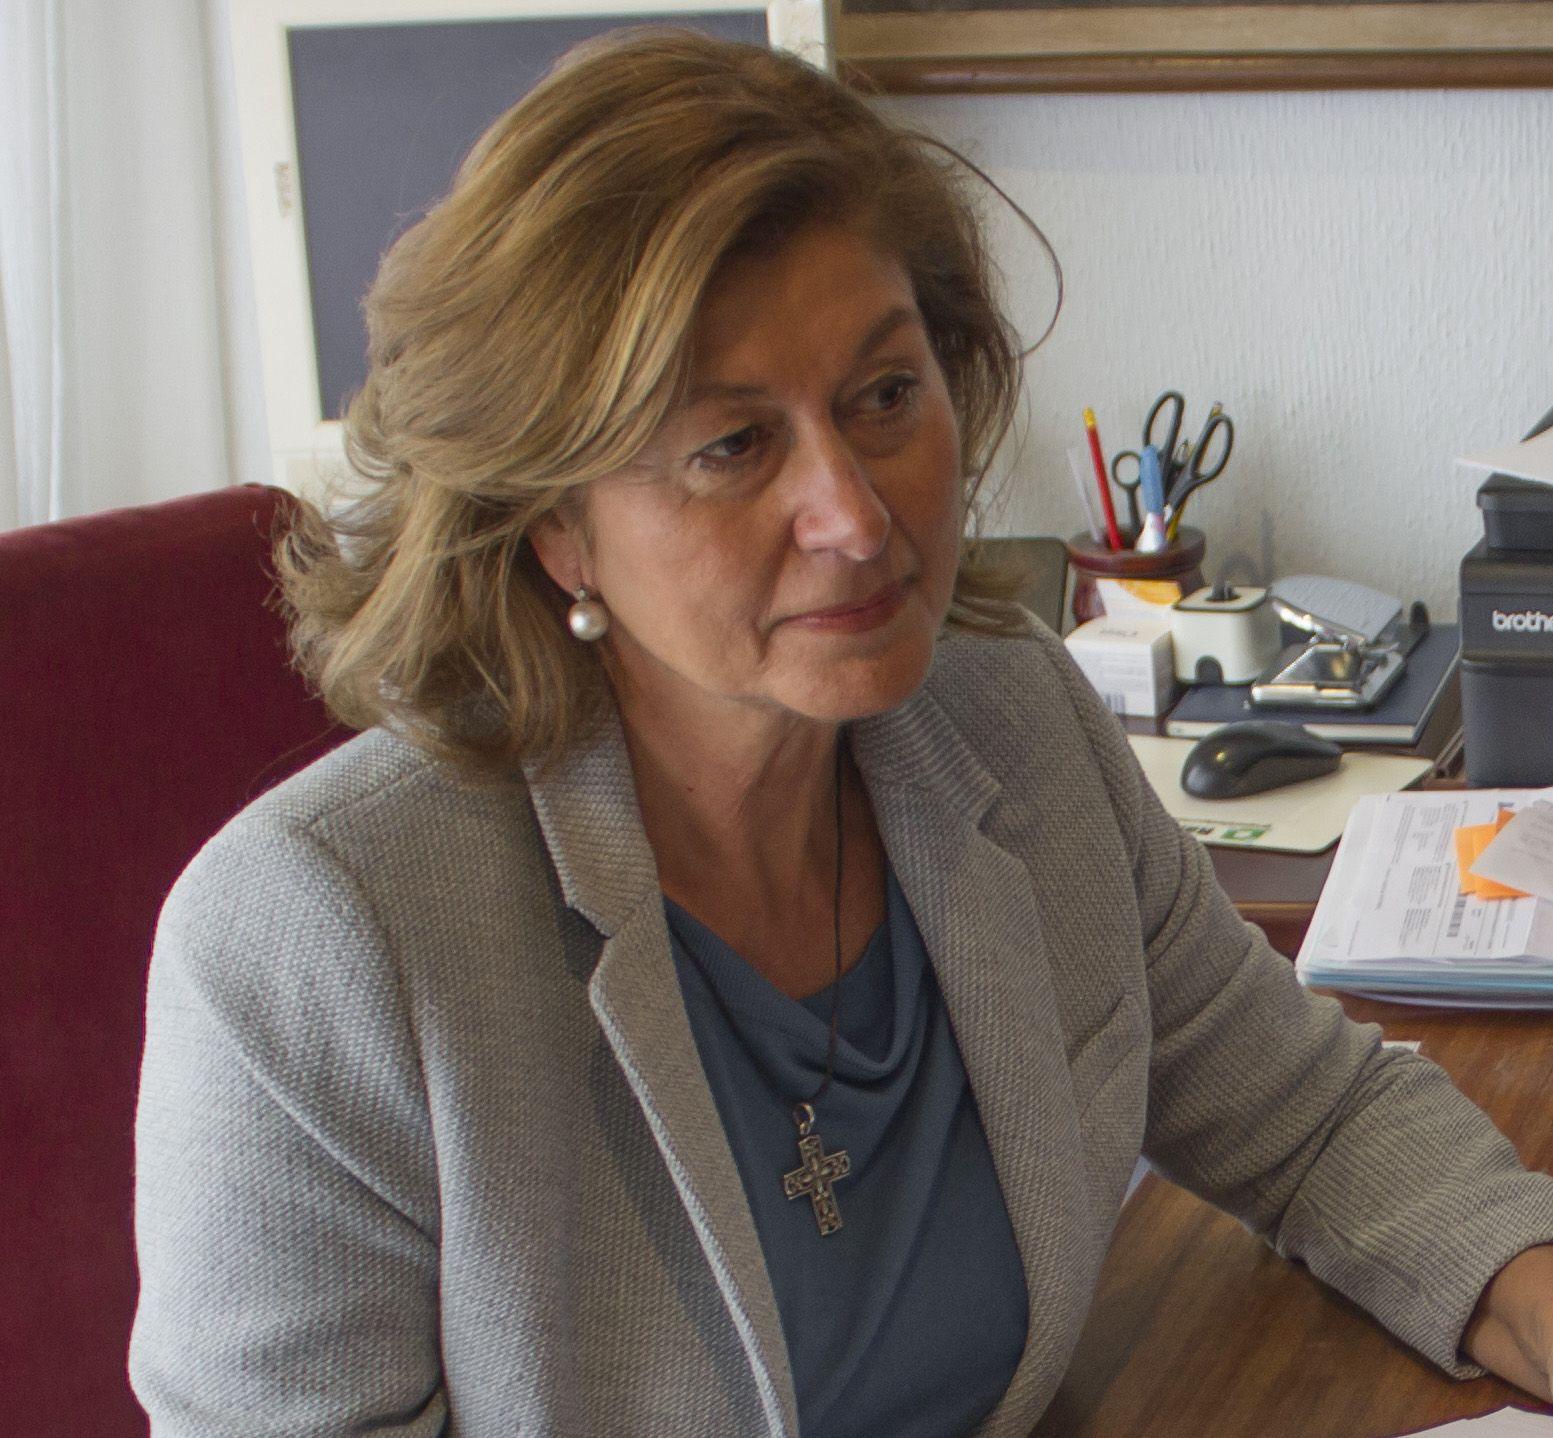 María Luisa Bonilla Penvela, Derecho urbanístico y sanciones urbanisticas